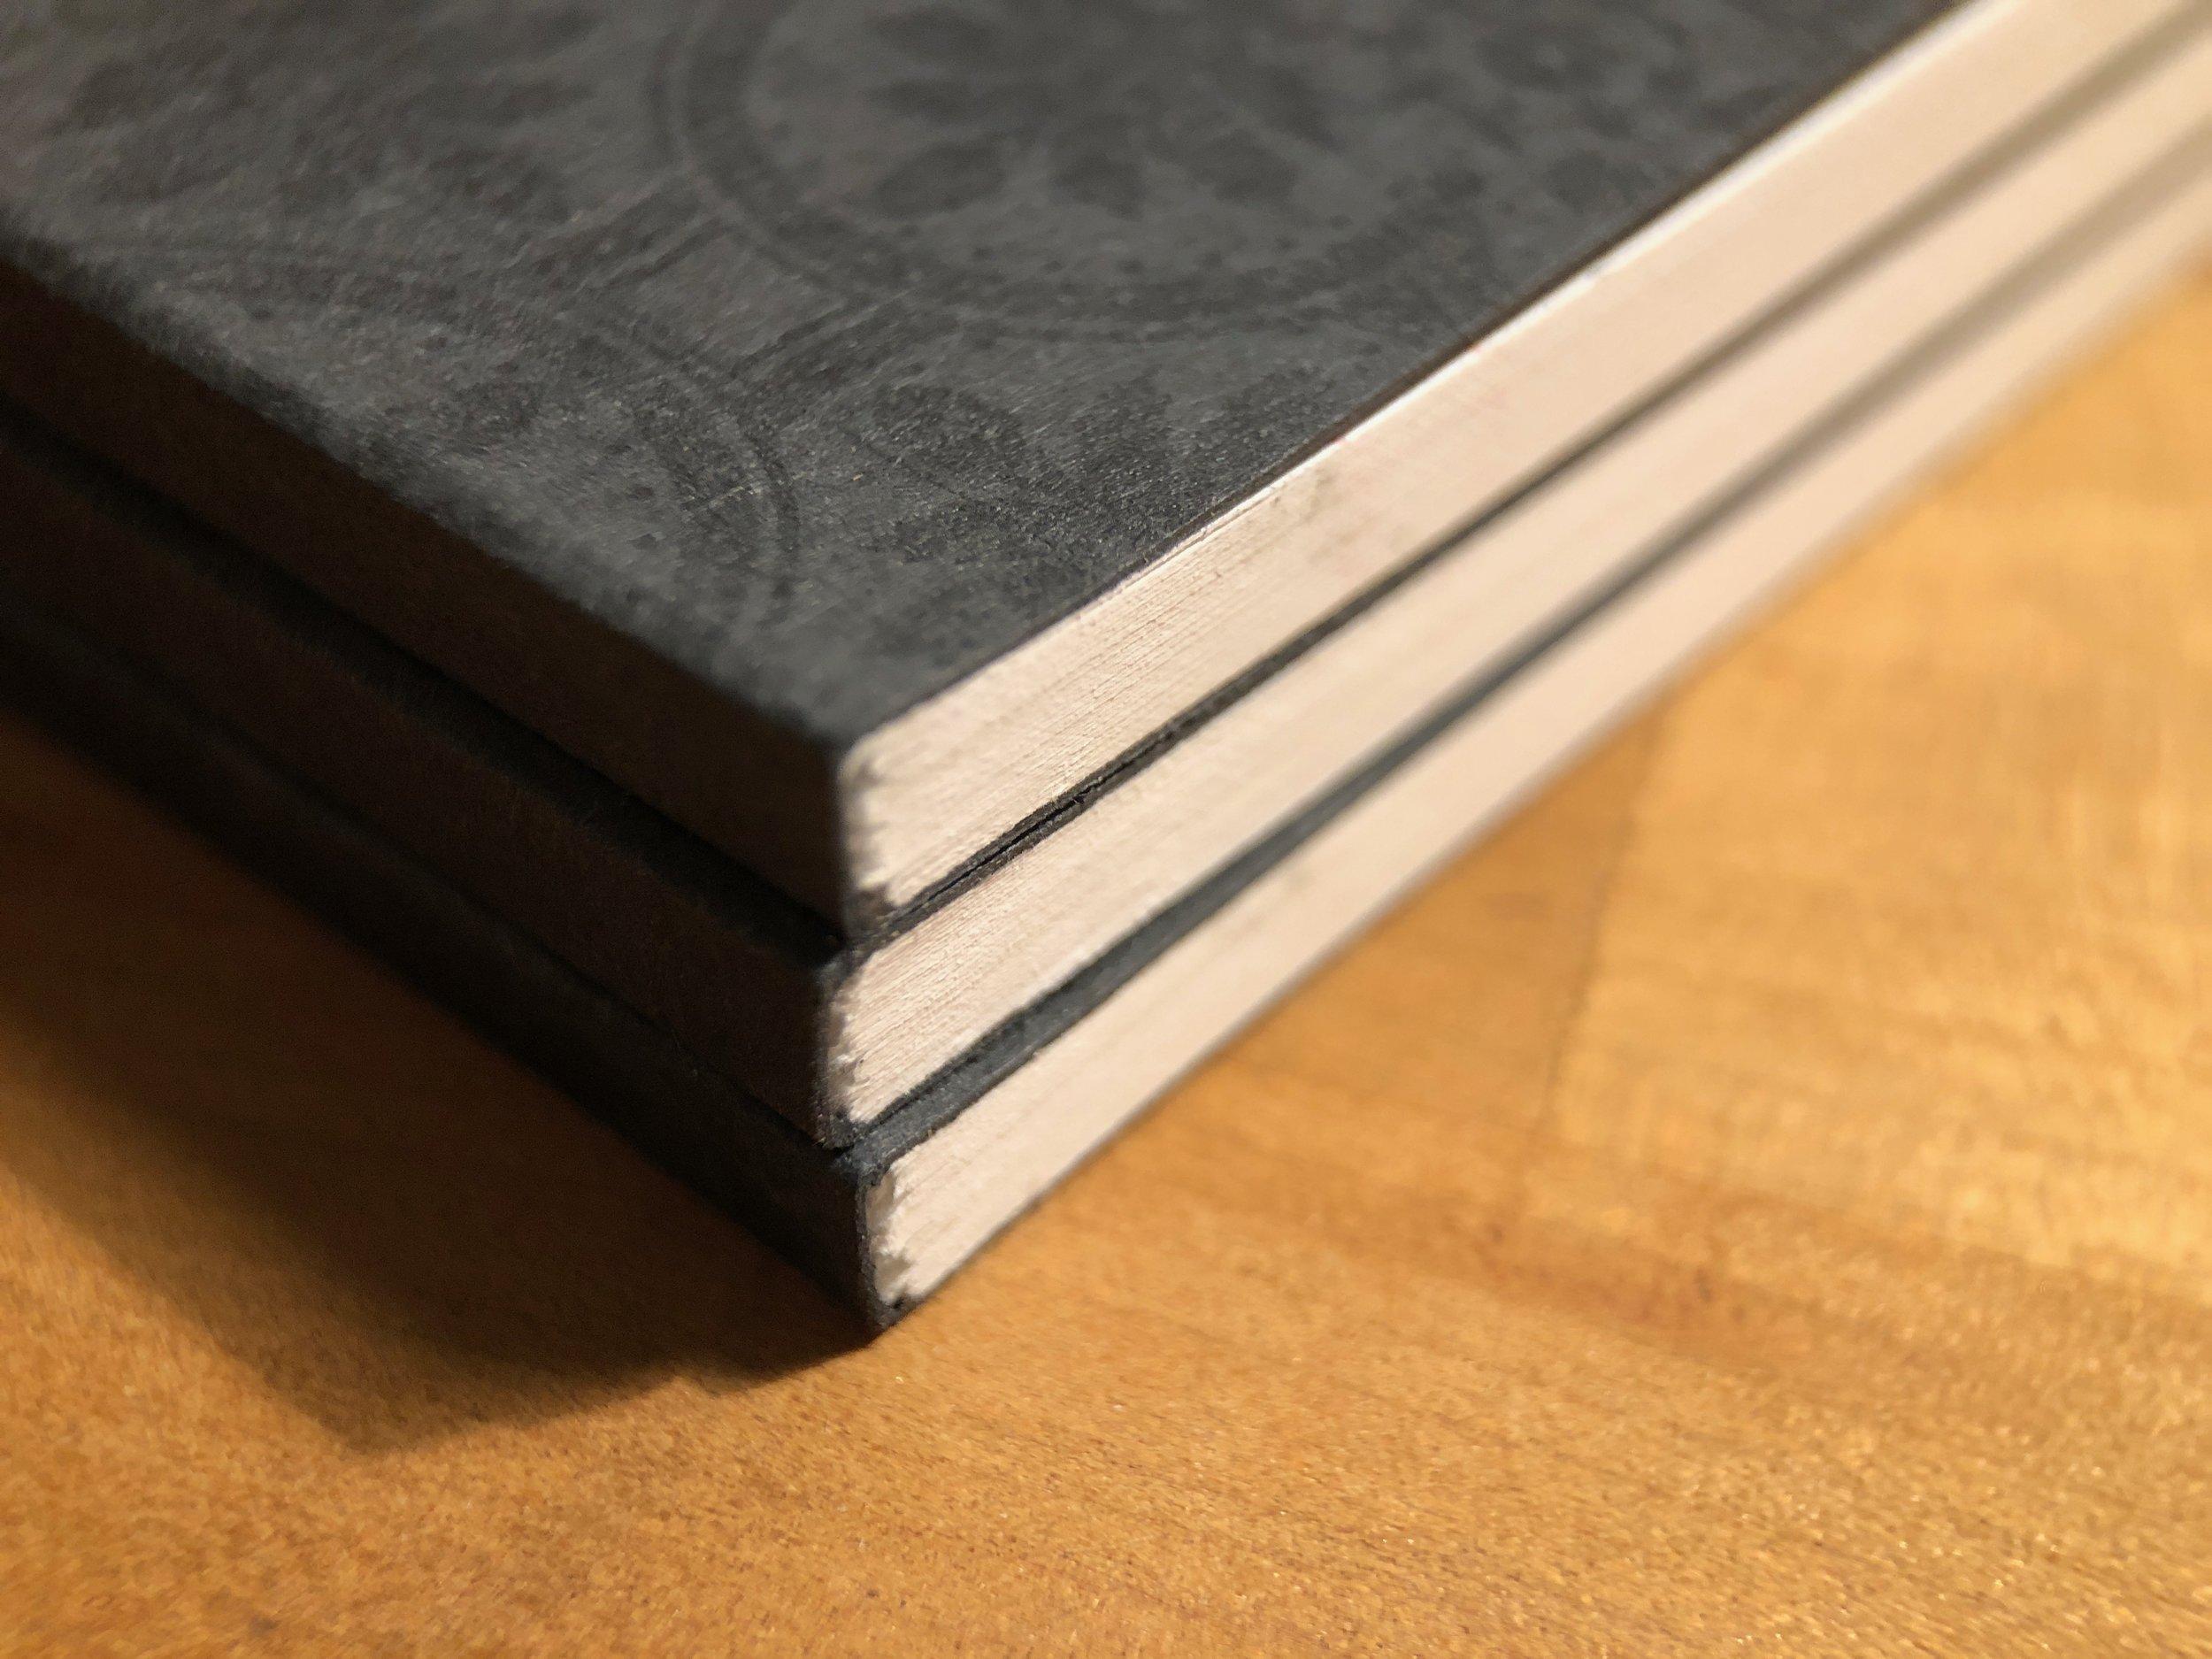 Write-notepads-goldfield-notebook-19.jpg